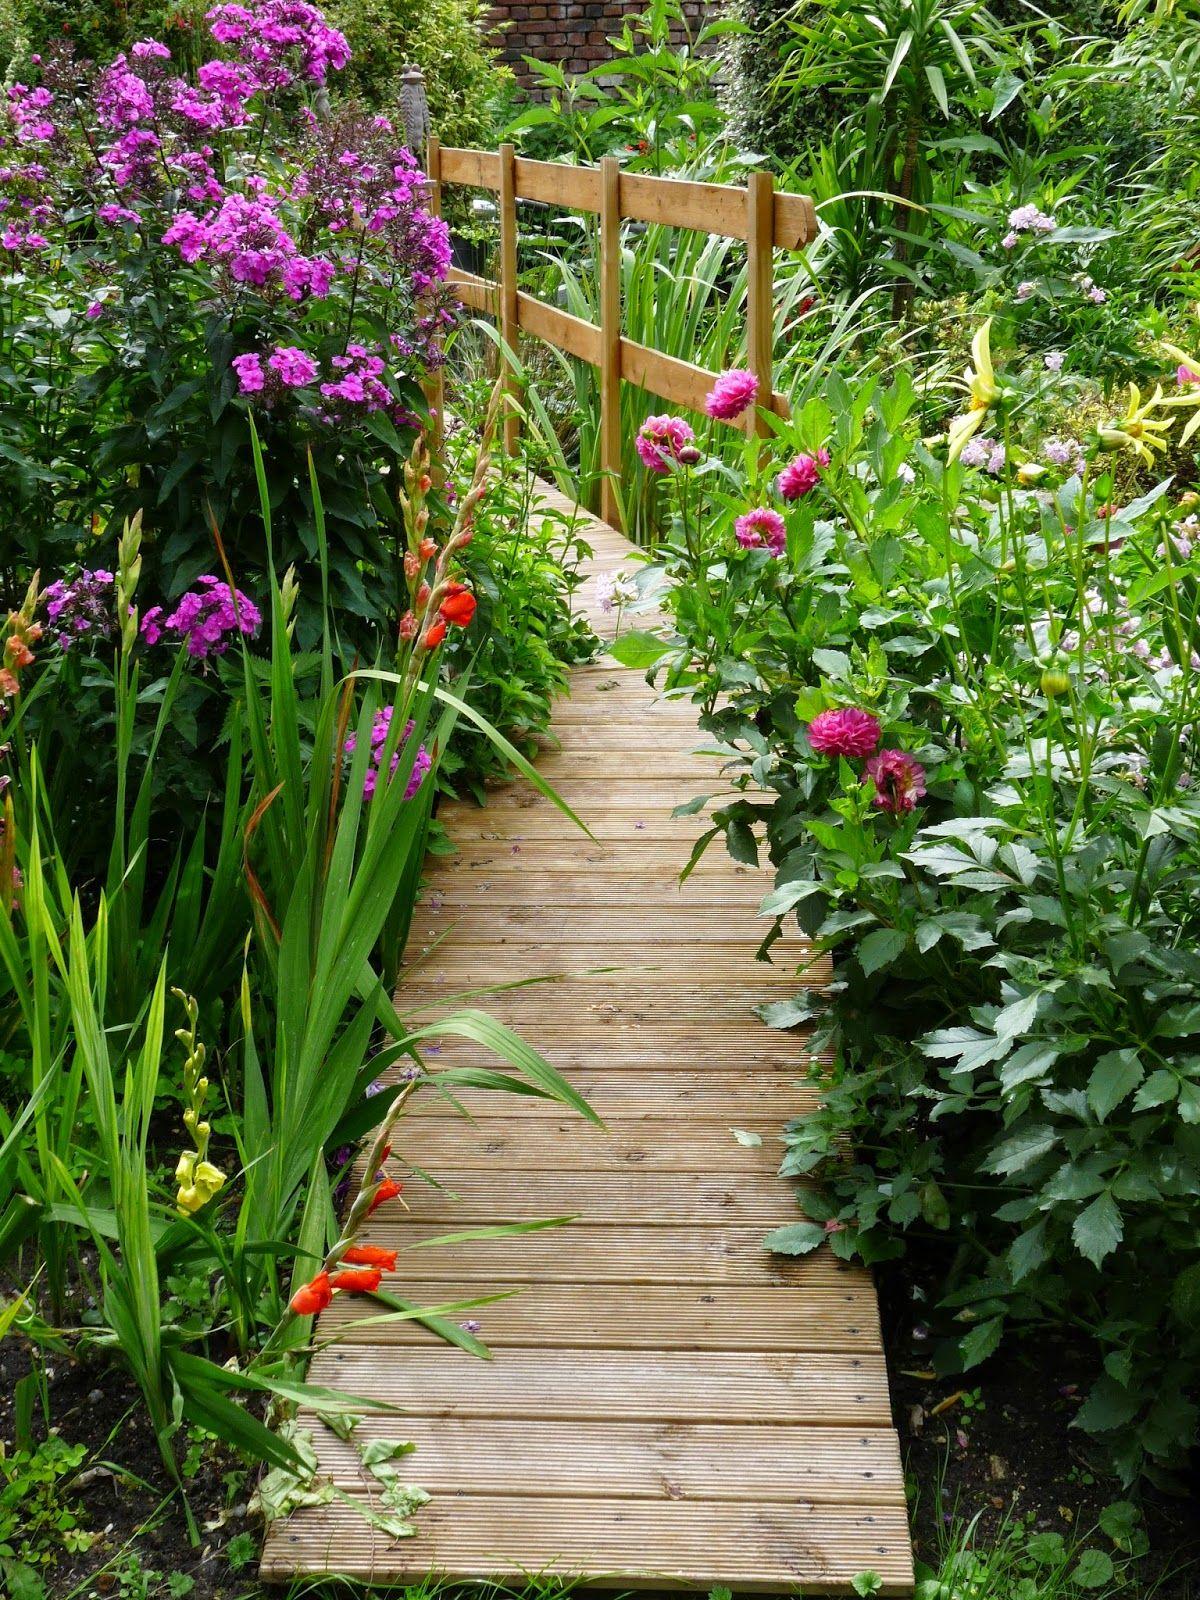 Fabriquer Un Petit Pont De Bois diy : pont en bois pour bassin | idées jardin, jardins